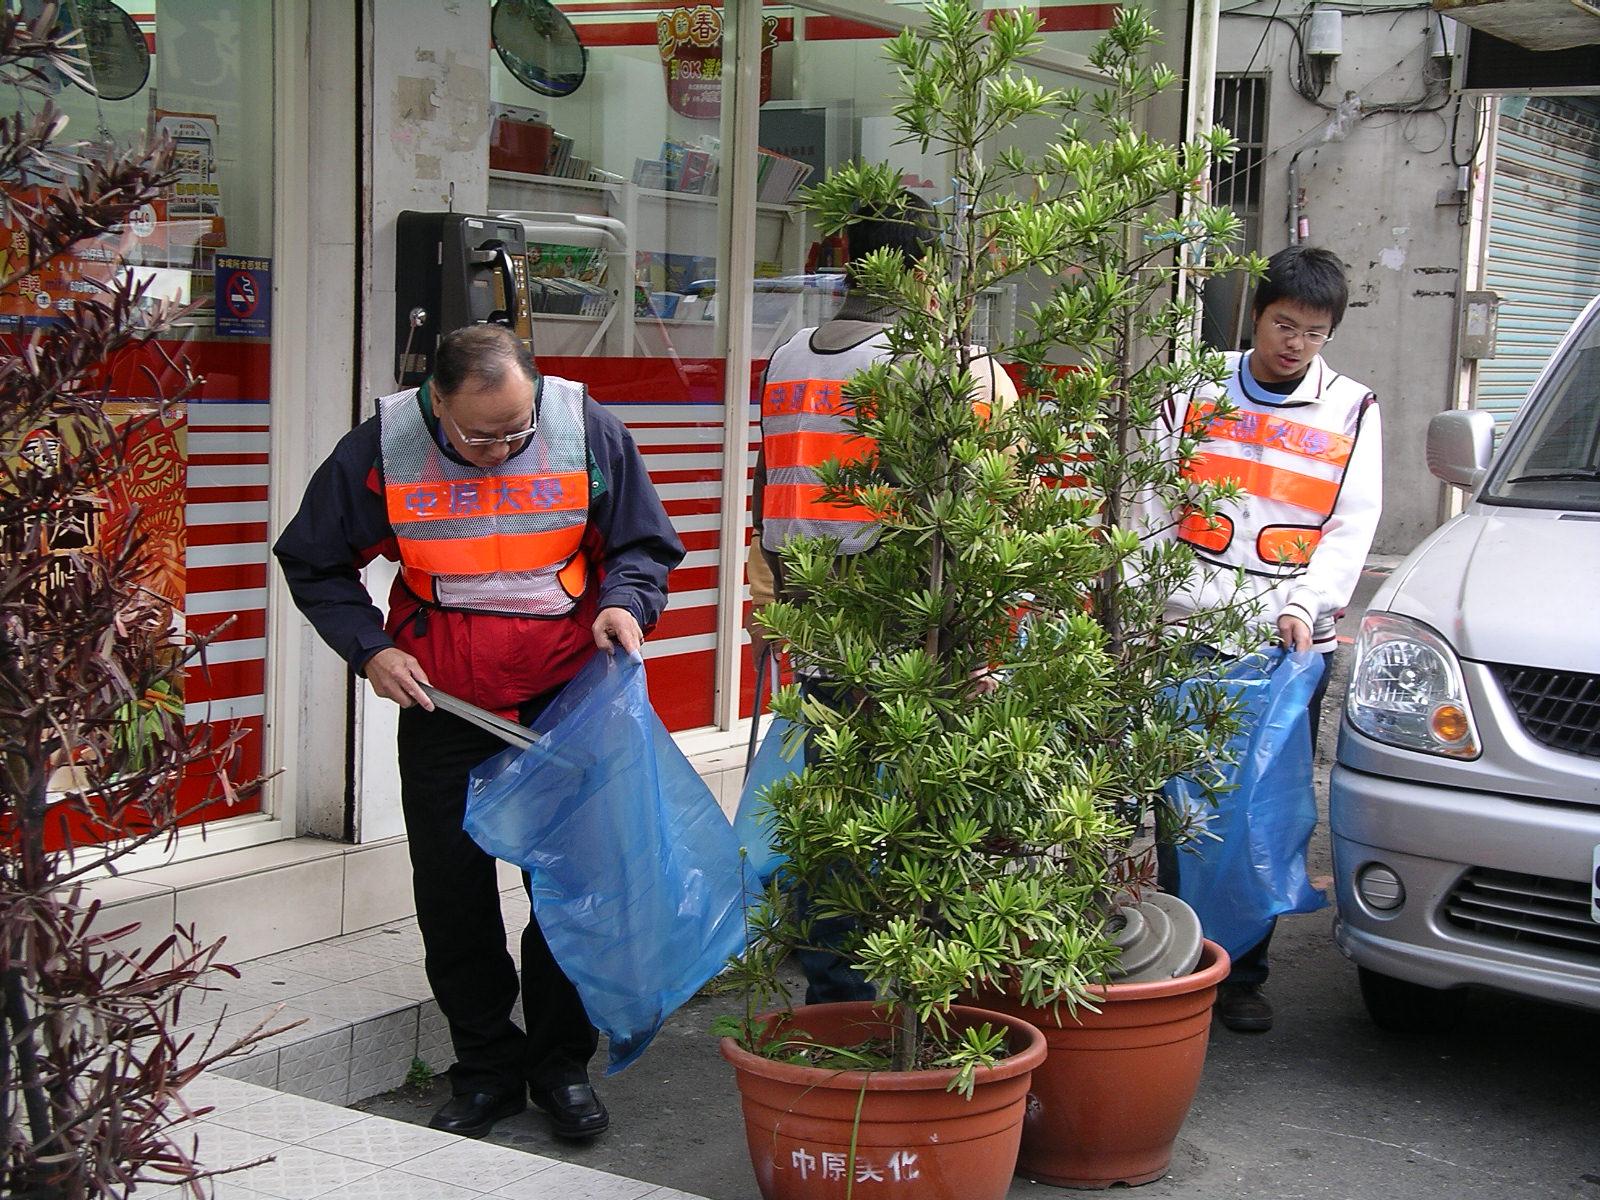 響應國家清潔週 中原大學程校長帶隊清掃社區環境